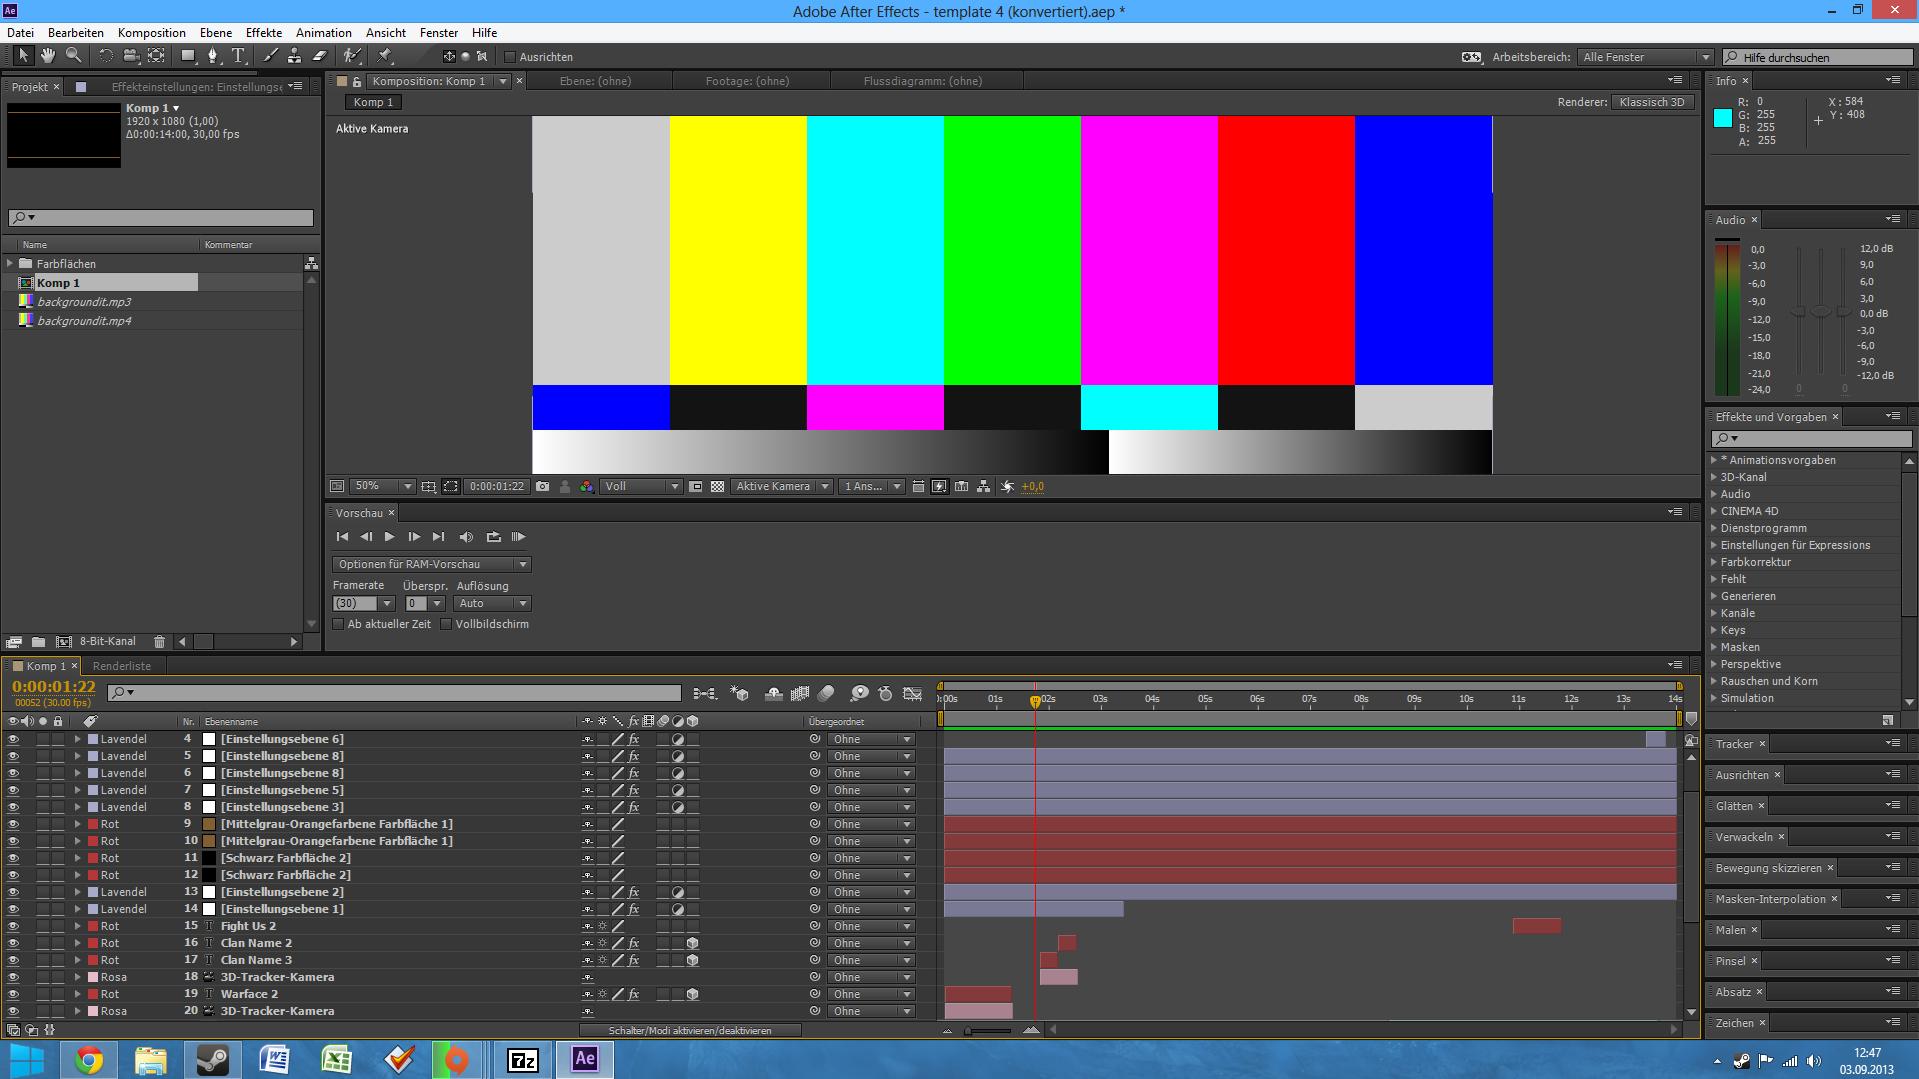 adobe photoshop cc nur ein testbild windows 8 after effects